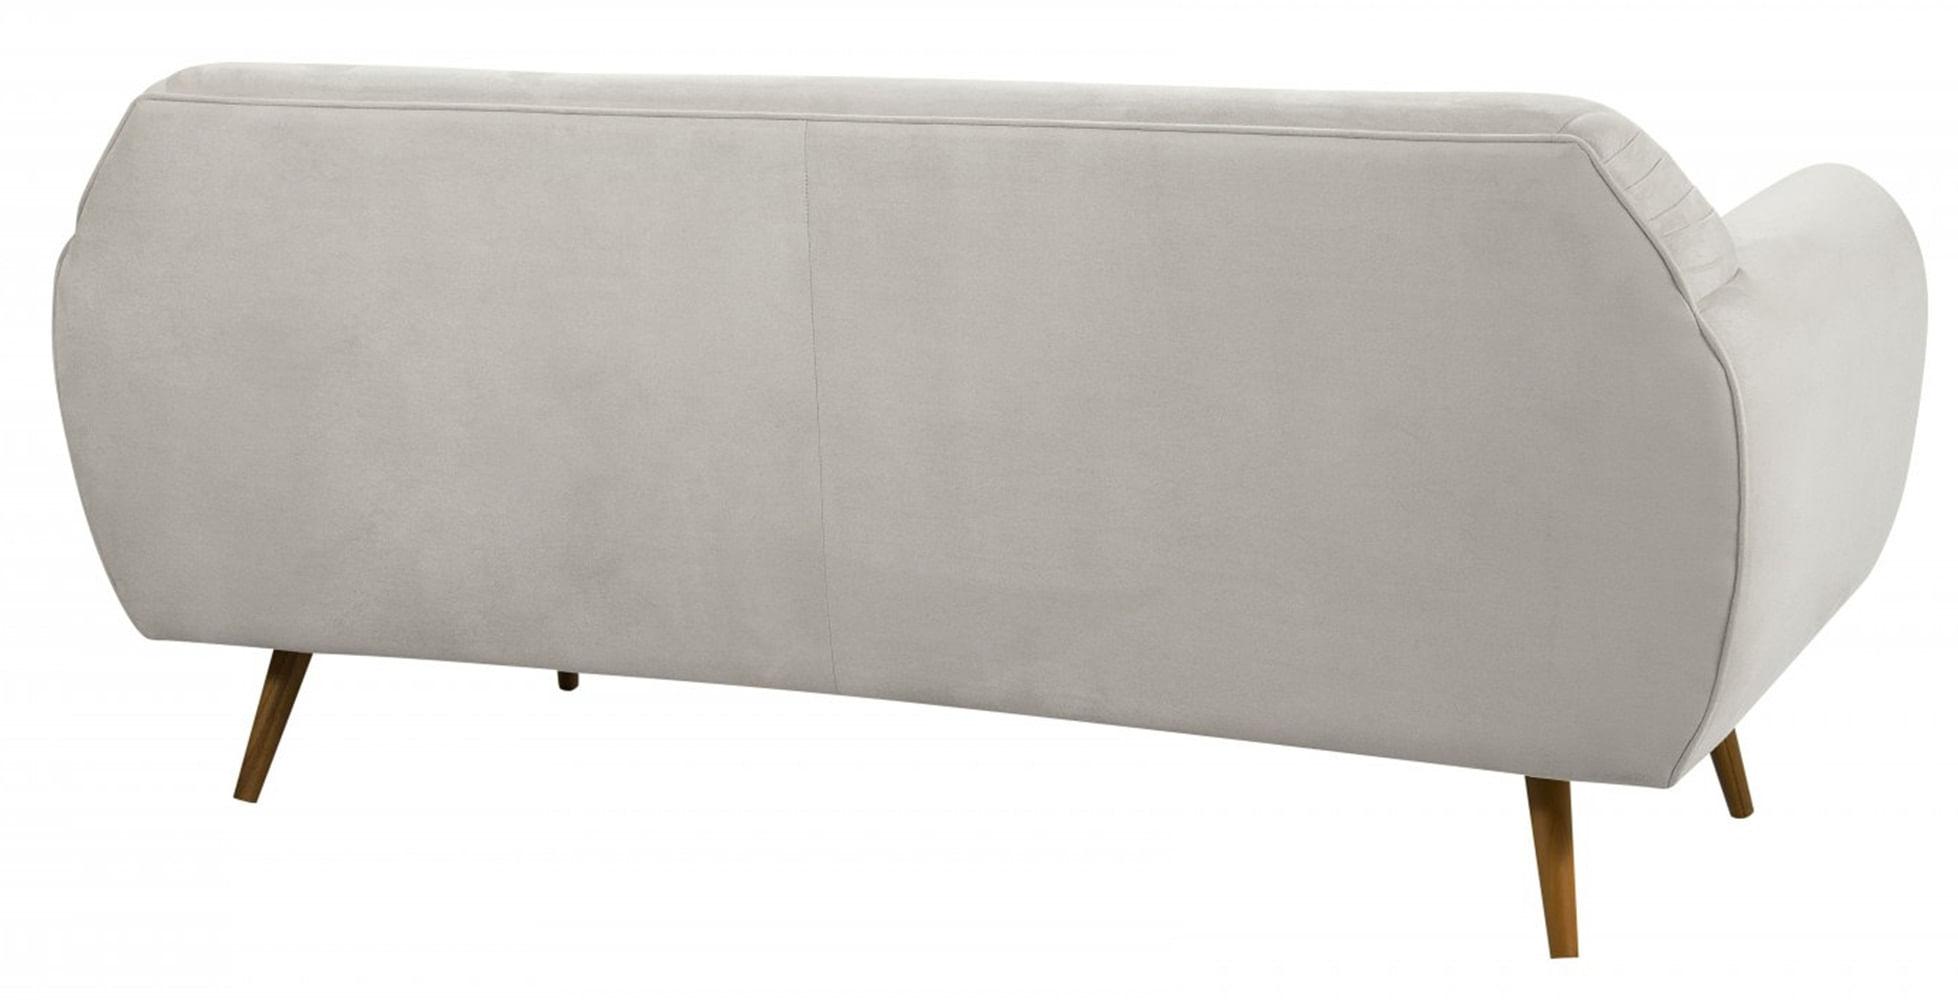 Sofa Liverpool Branco Base Palito Castanho 3 Lugares - 50260